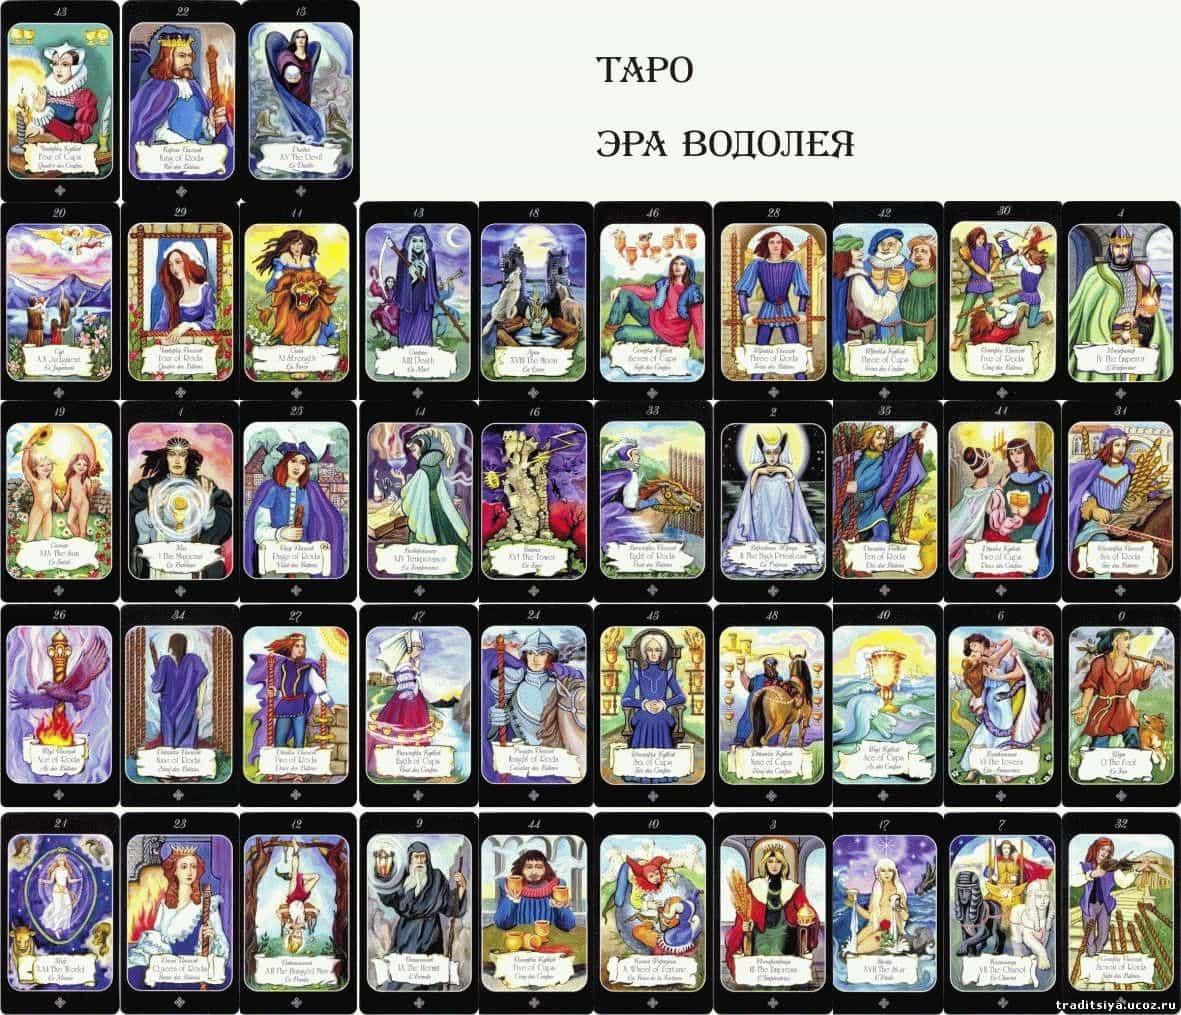 Таро папюса - галерея, значение карт и особенности раскладов